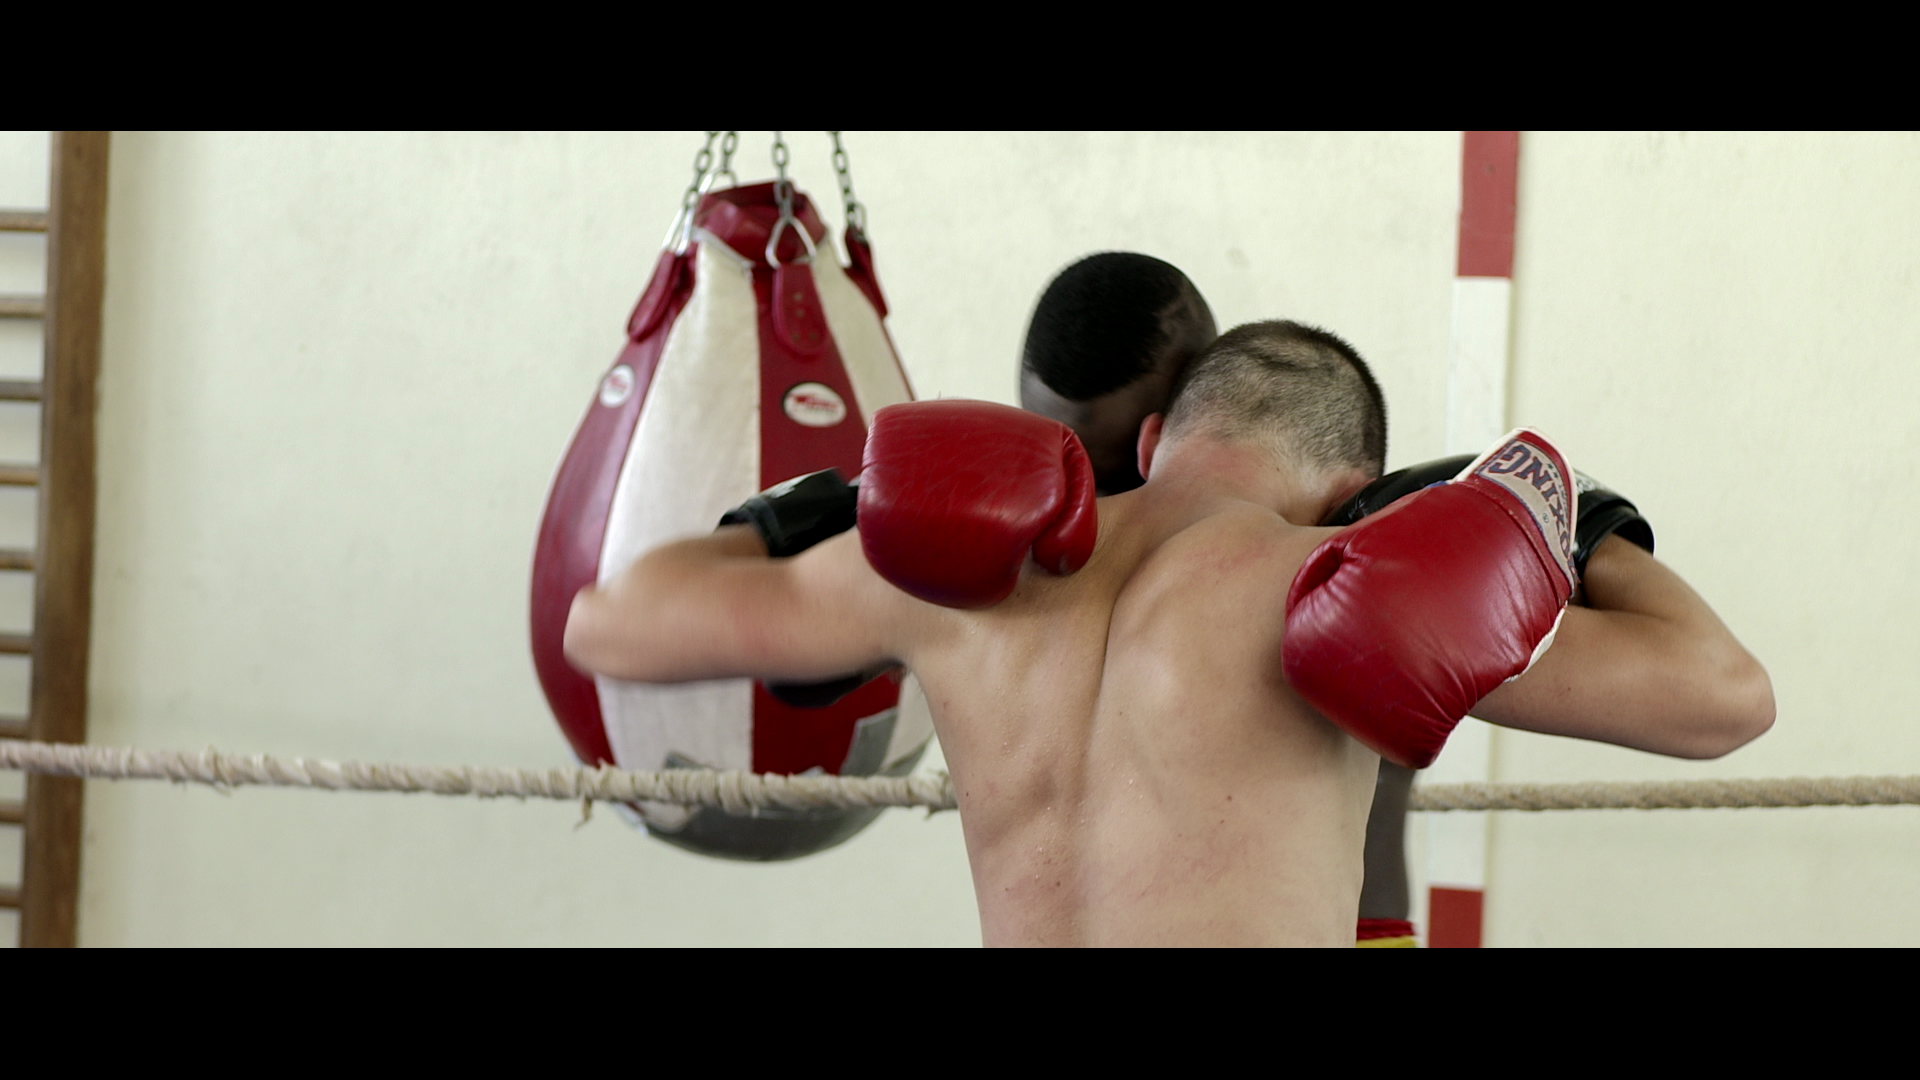 Tard sur le port - boxing